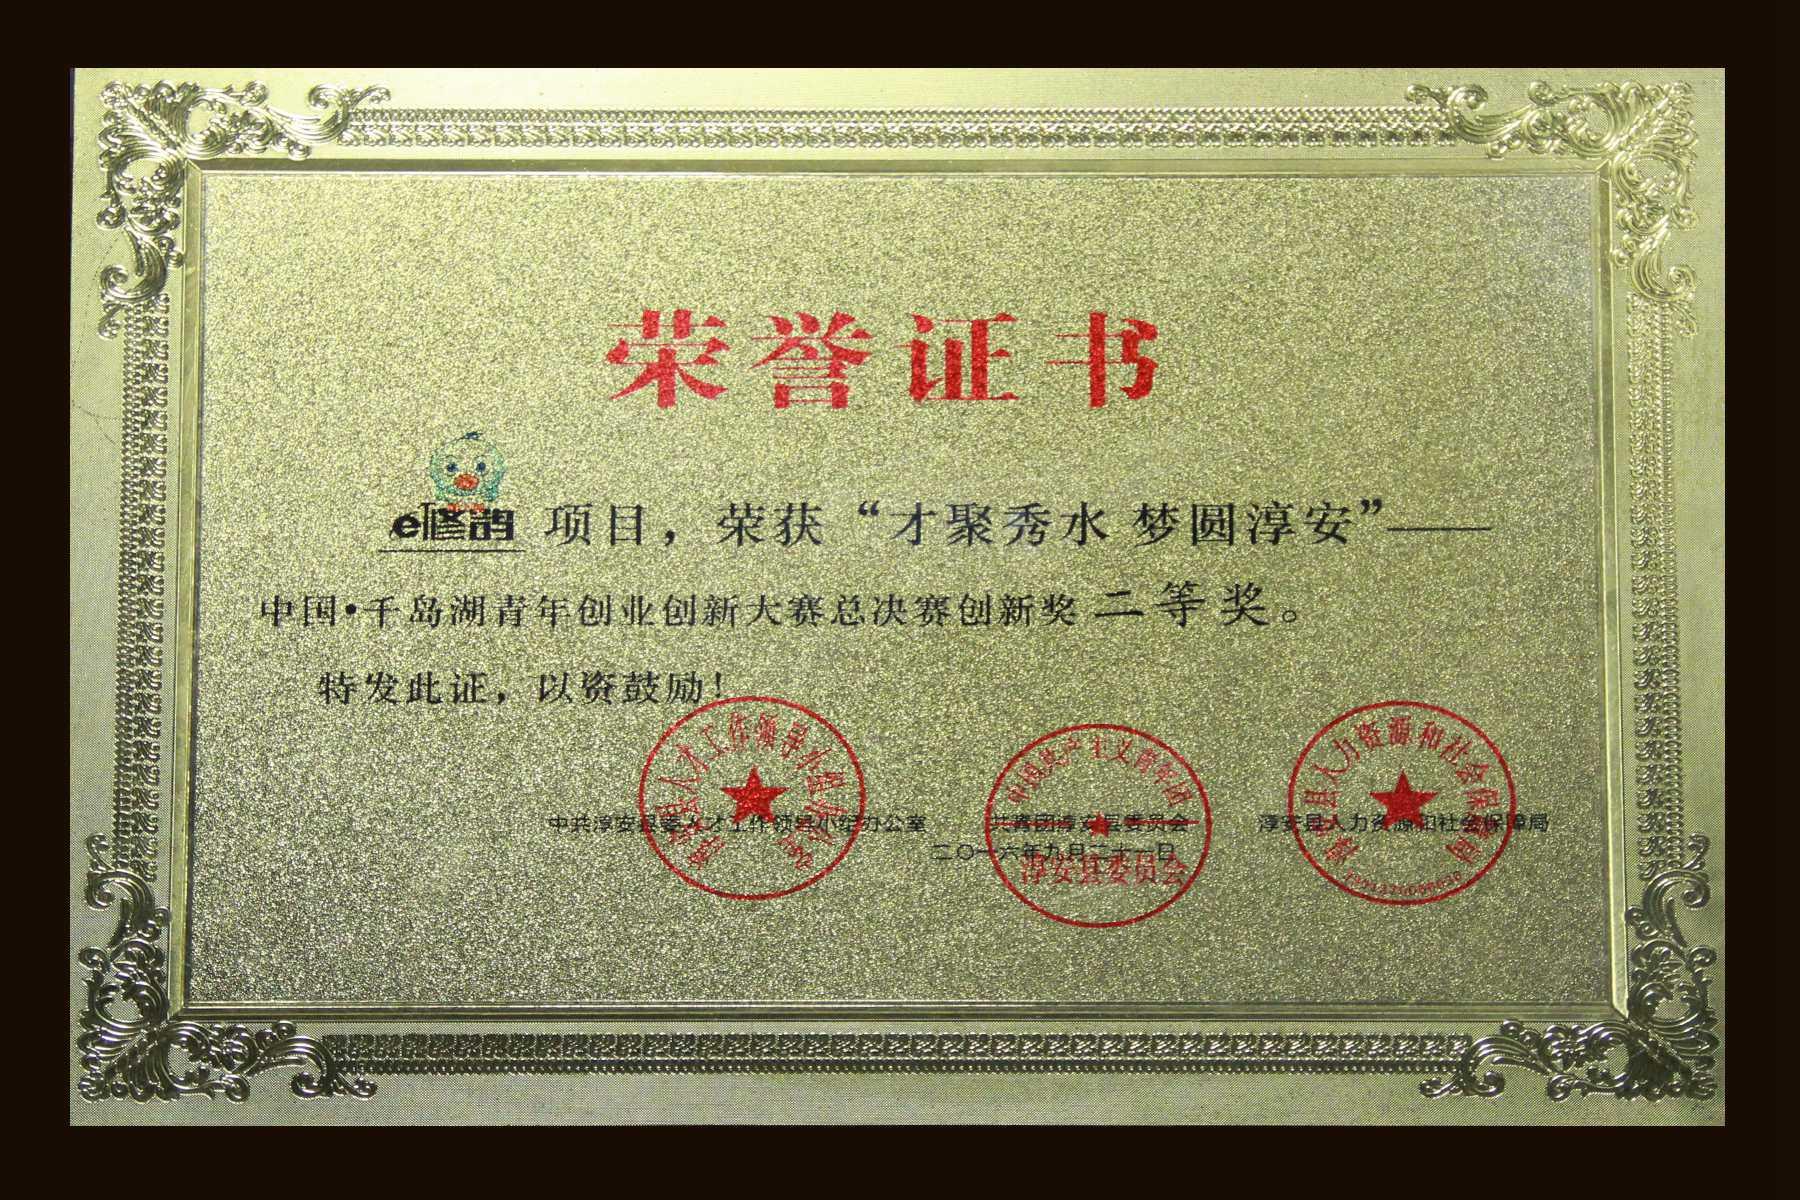 中国千岛湖青年创业创新大赛总决赛创新奖二等奖